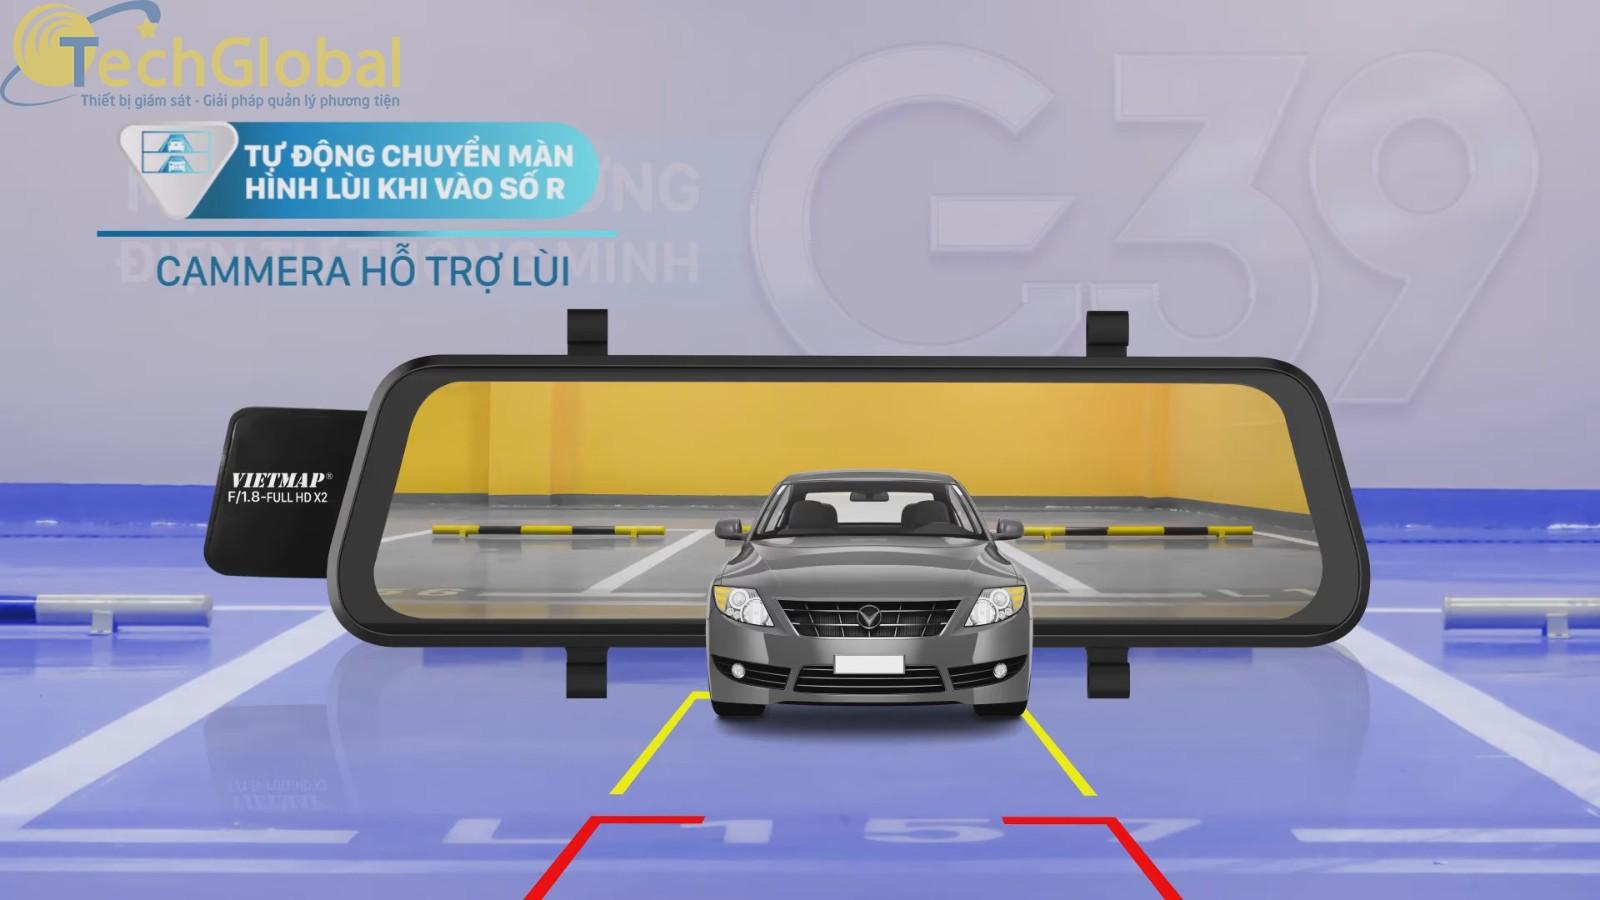 Vietmap G39 Có camera sau chống nước và hỗ trợ hiển thị khi vào số R lùi xe